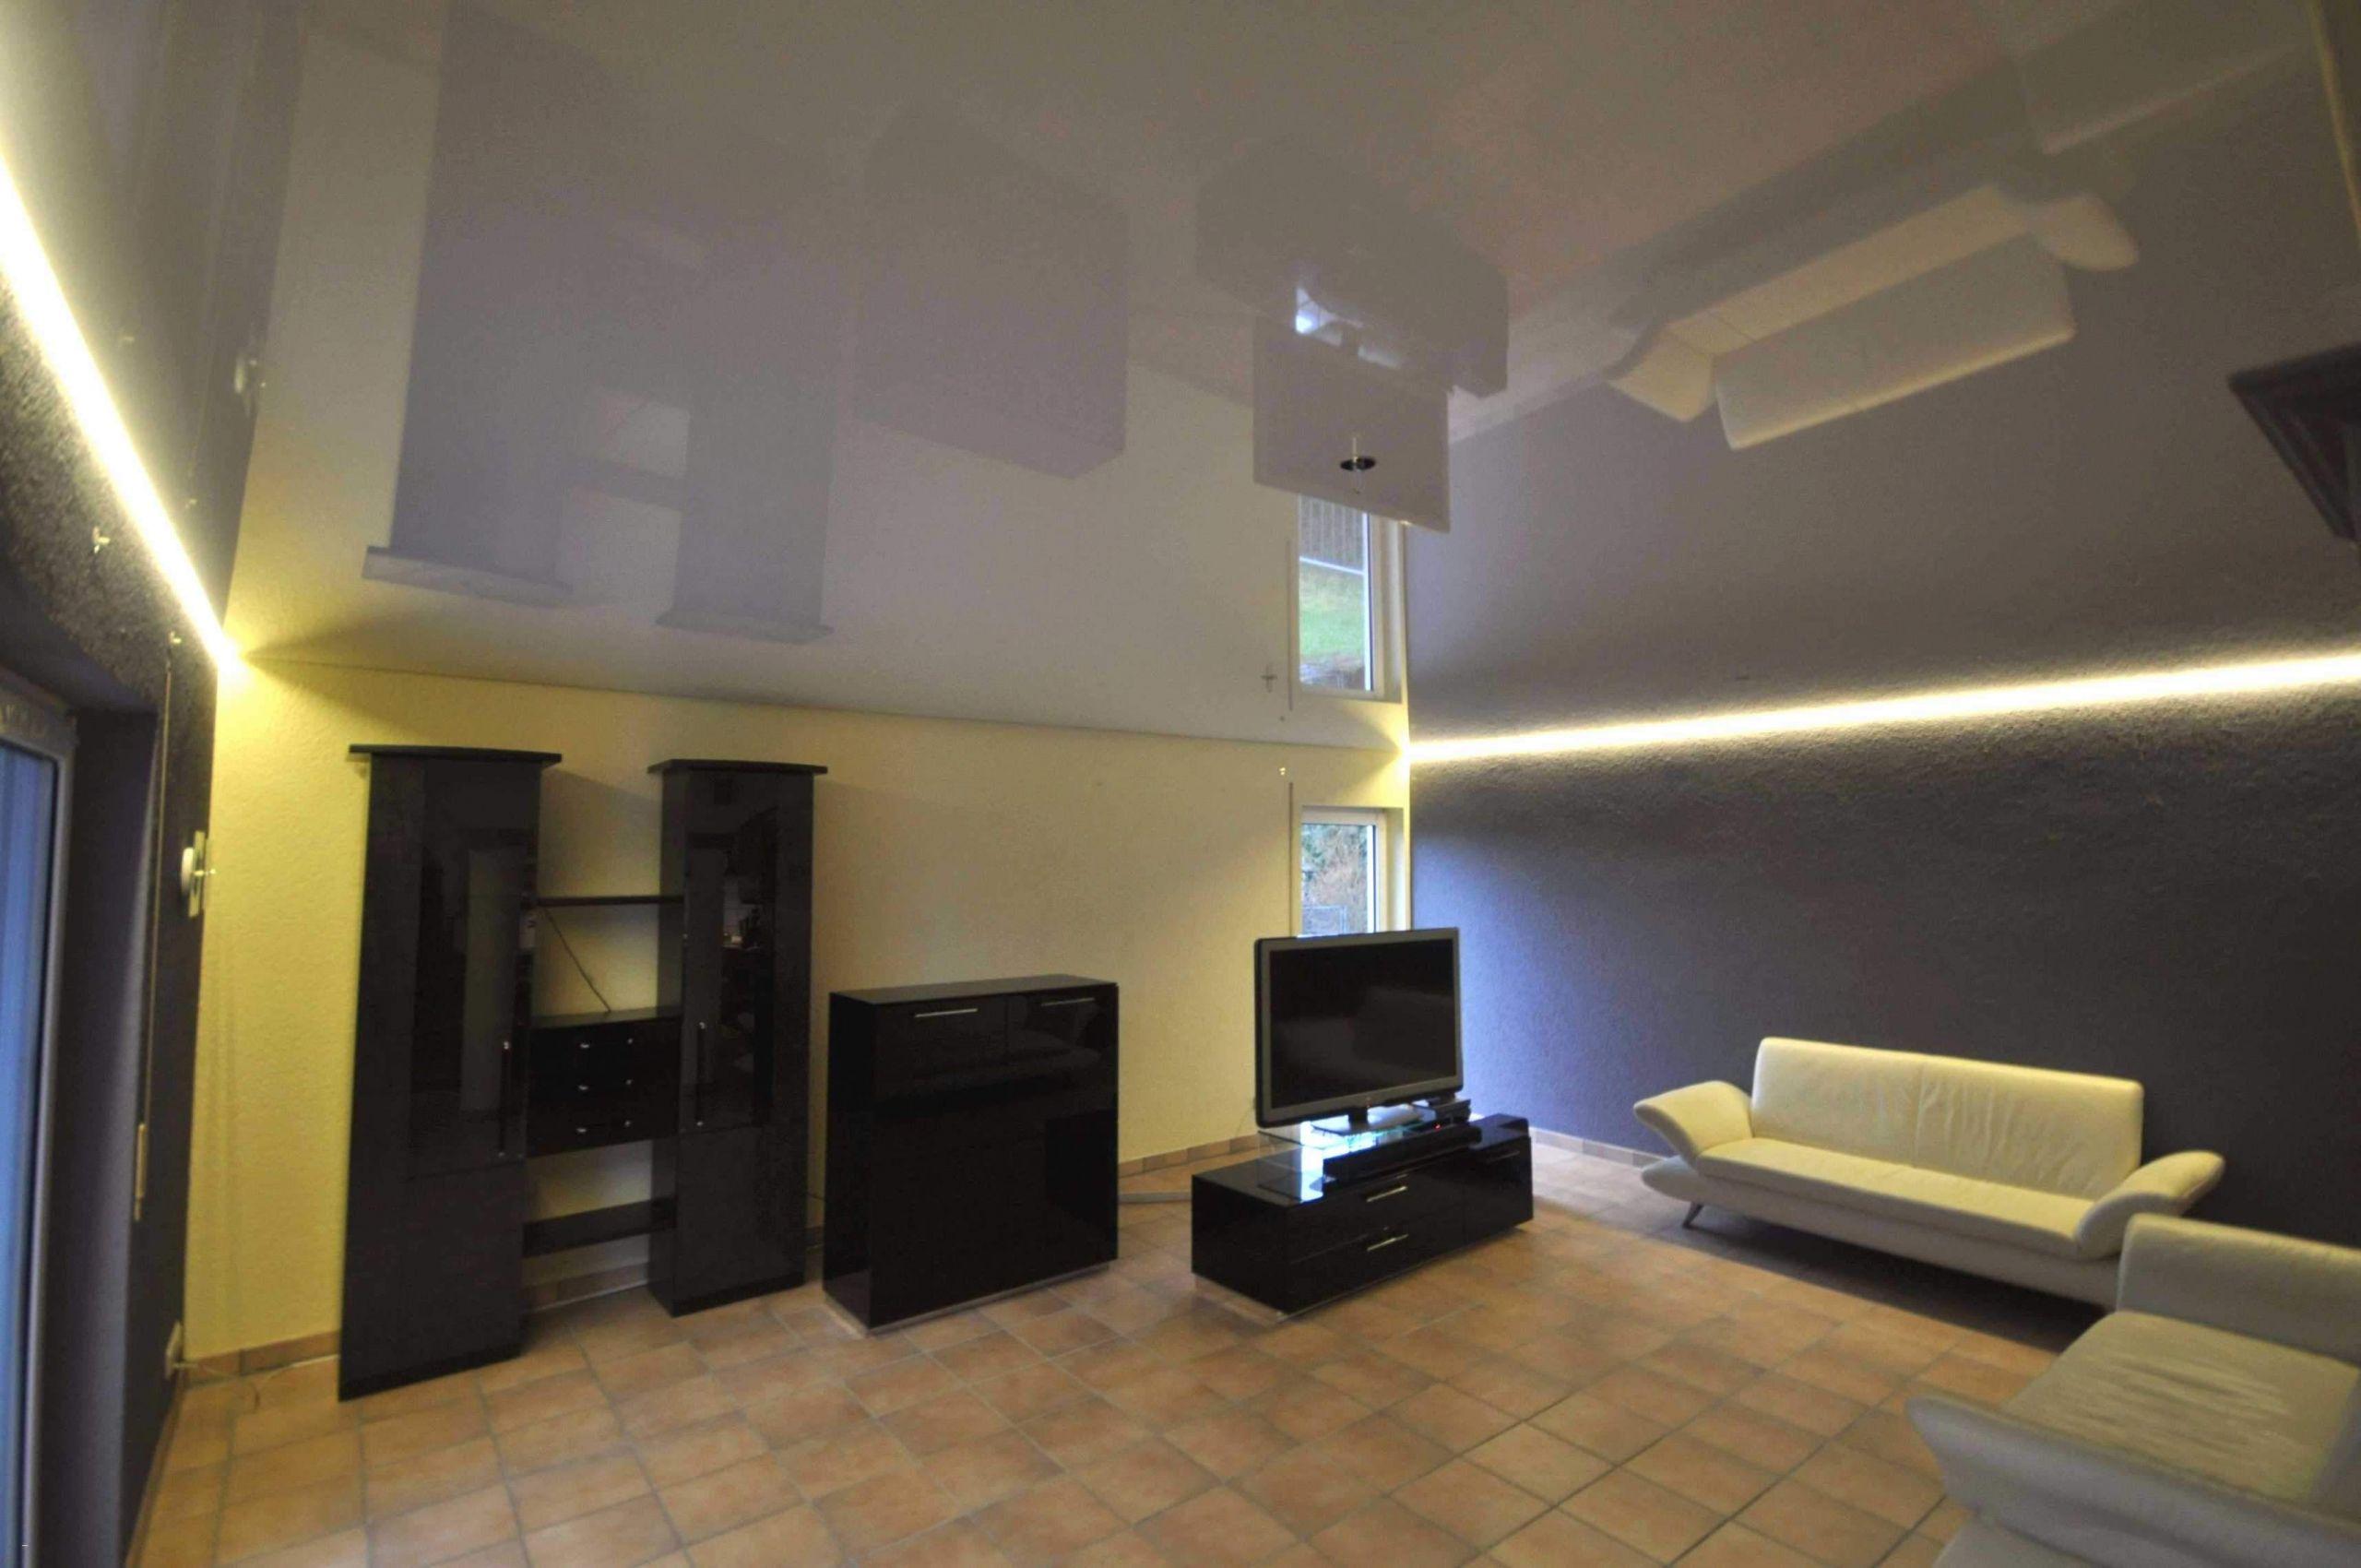 Full Size of Led Wohnzimmerlampe Wohnzimmer Lampe Dimmbar Elegant 37 Beste Von Wohnzimmerlampen Big Sofa Leder Bad Lampen Deckenleuchte Braun Panel Küche Spiegelschrank Wohnzimmer Led Wohnzimmerlampe